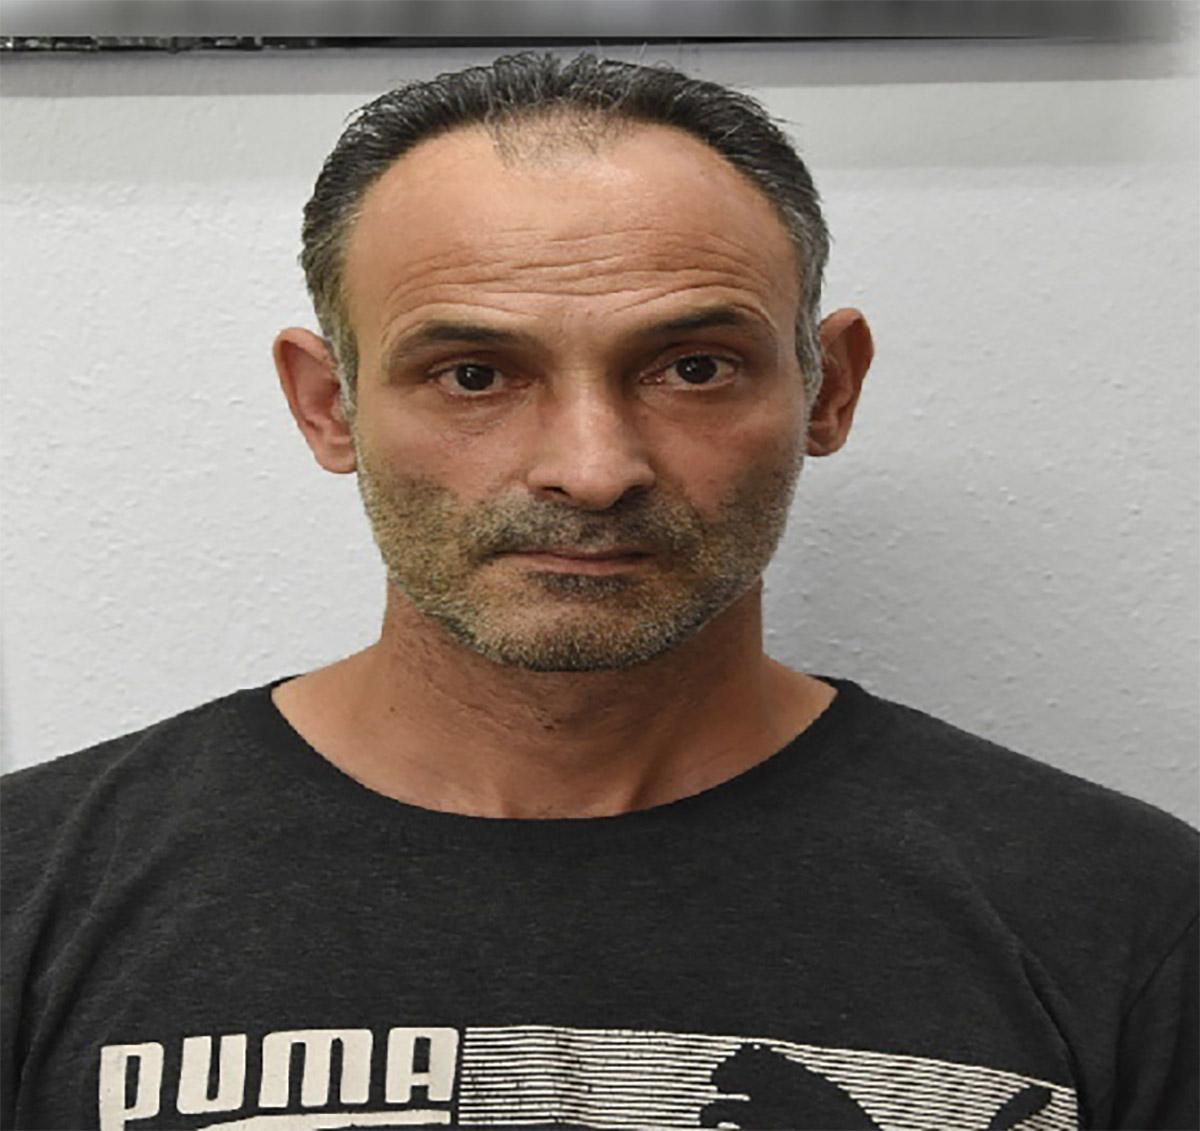 Αυτός είναι ο 44χρονος που κατηγορείται ότι βίασε 15χρονη στη Λιβαδειά